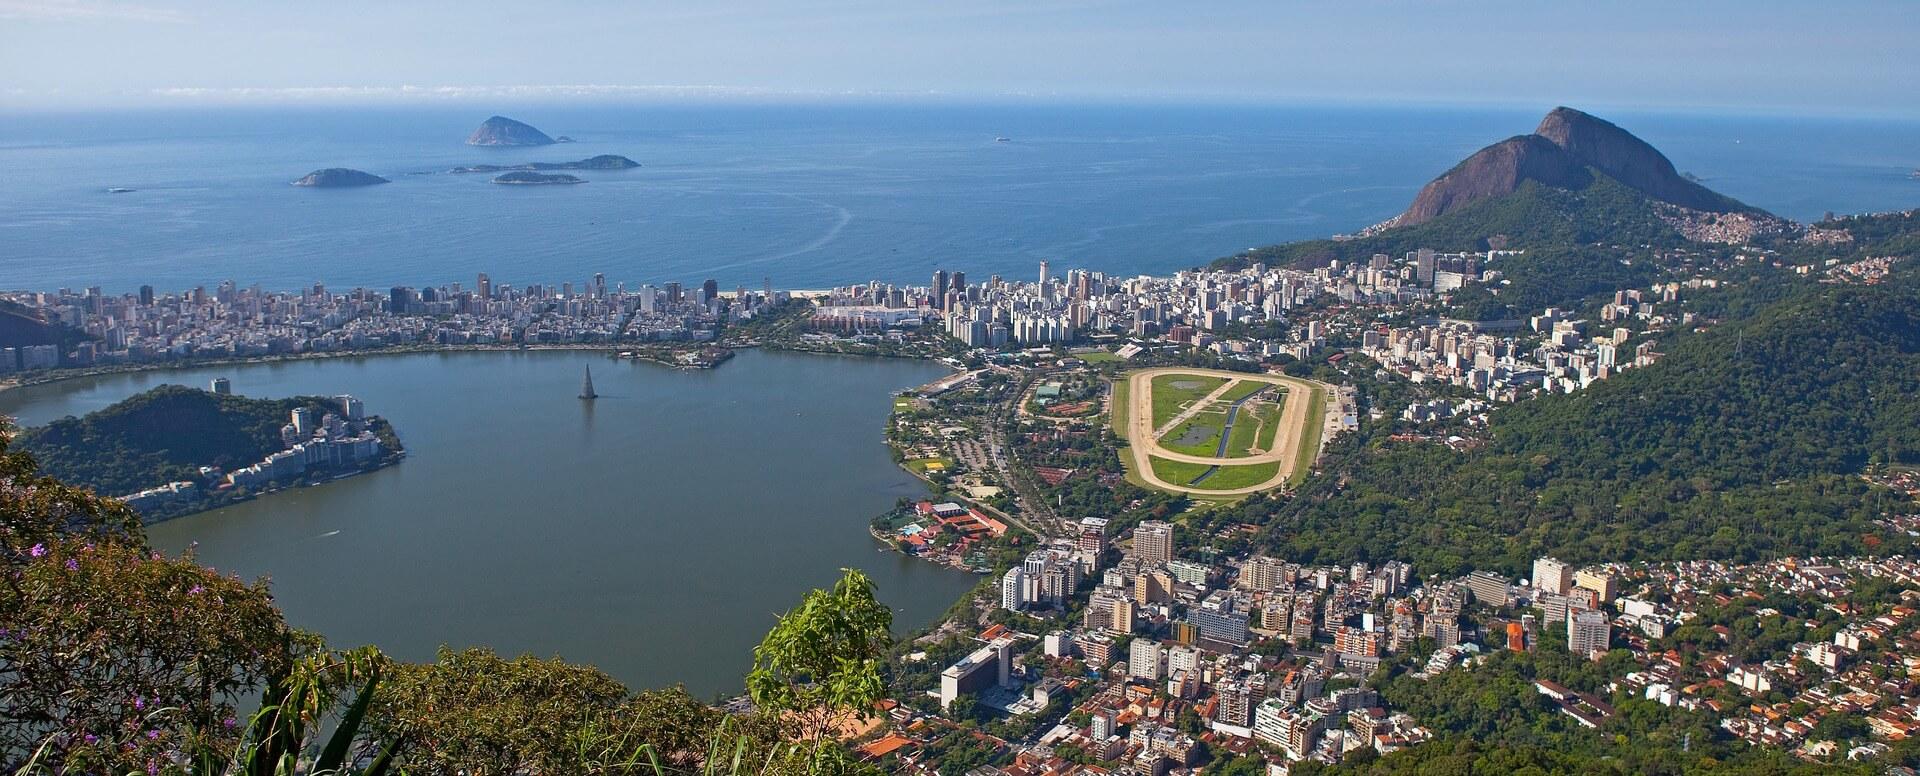 Que faire au Brésil ? Guide des activités - Brésil